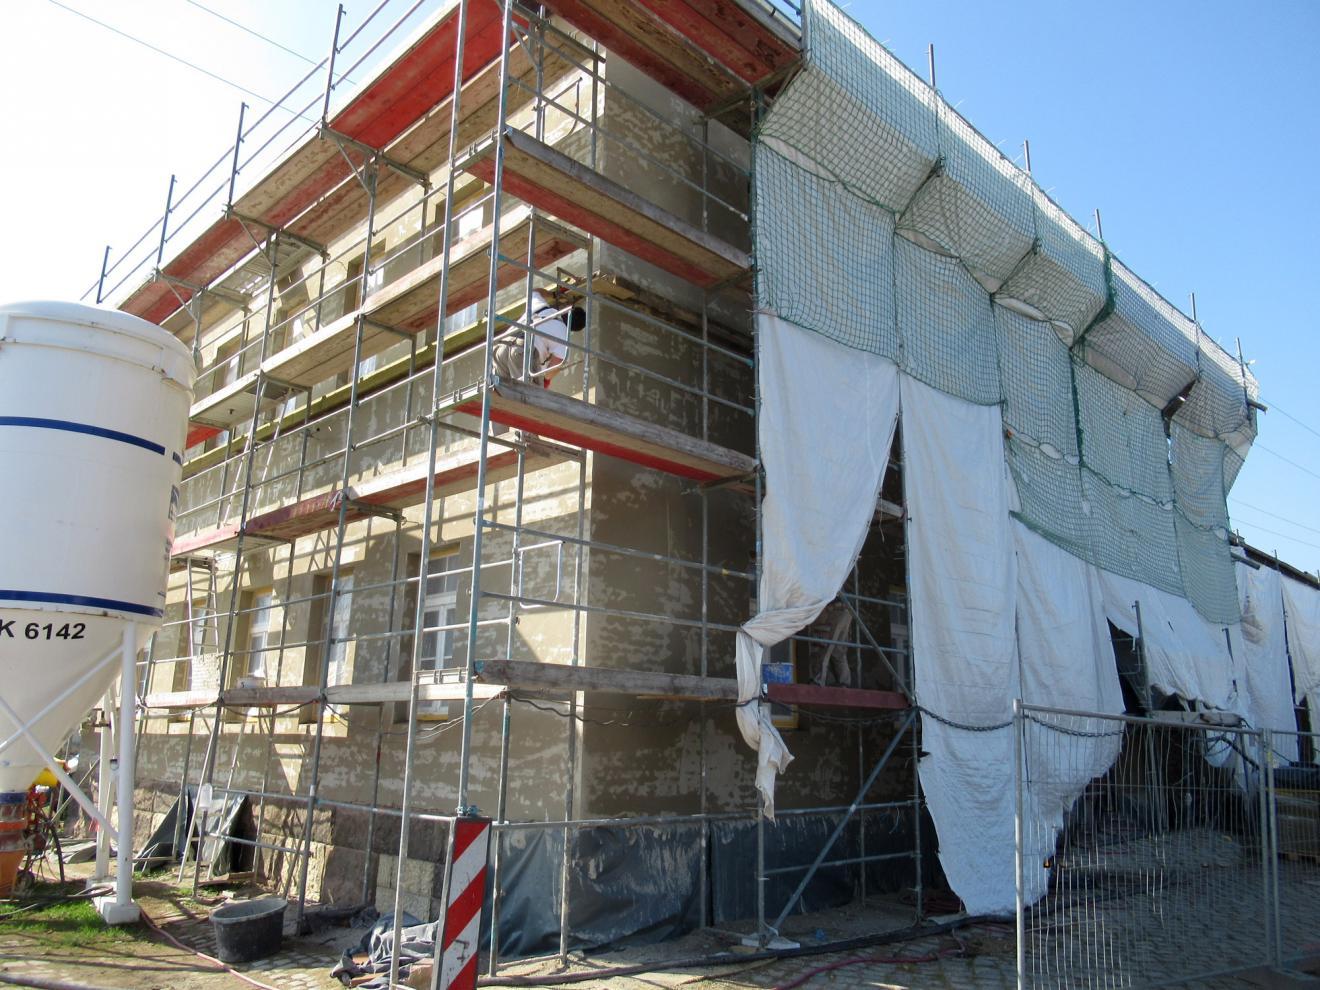 Fassadensanierung (energetische Ertüchtigung) Güterabfertigung Riesa, Heinrich-Schönberg-Straße 1a in 01591 Riesa im Landkreis Meißen